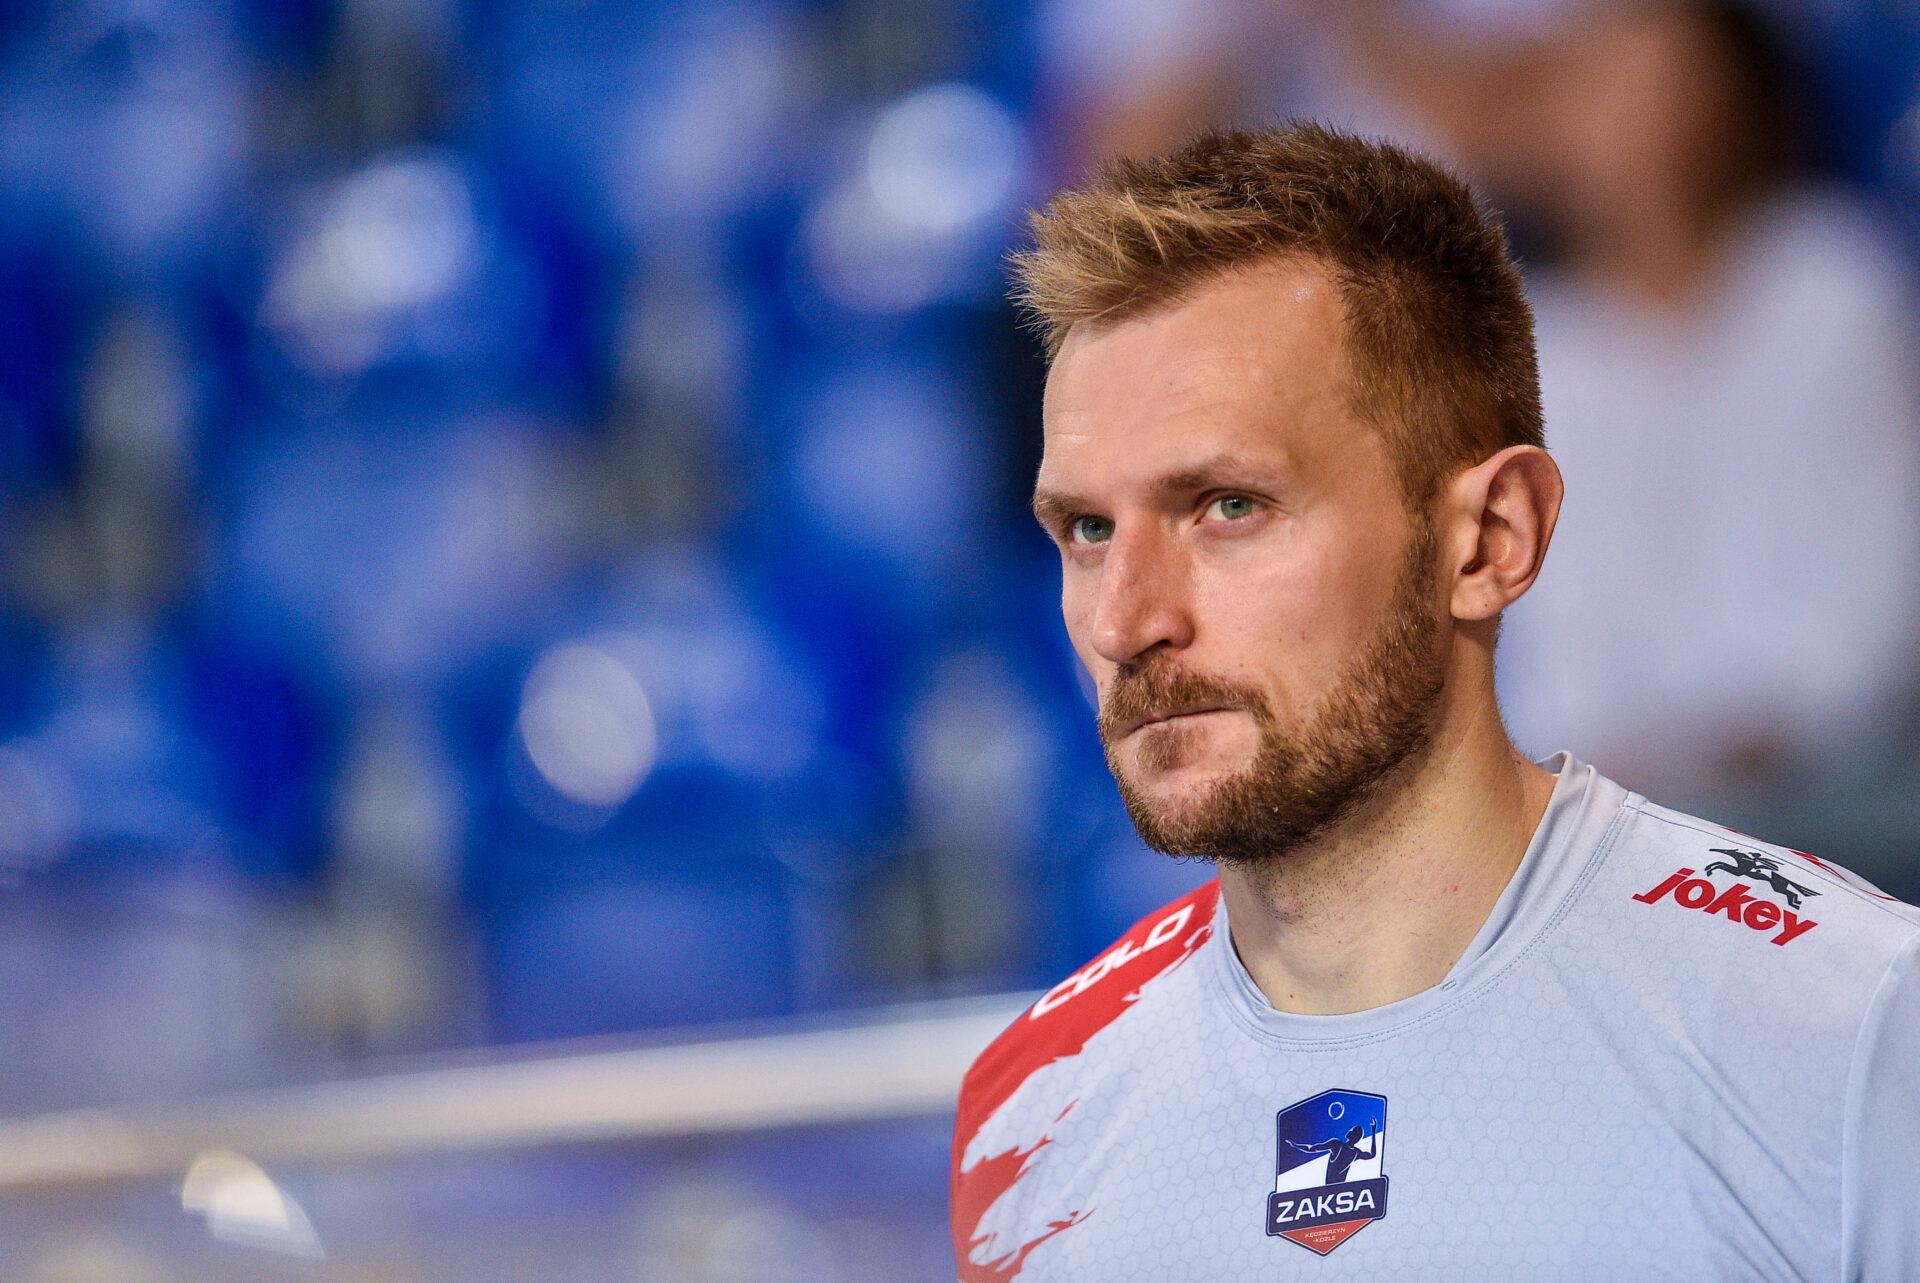 Adrian Staszewski: Zawsze podobał mi się styl ZAKSY